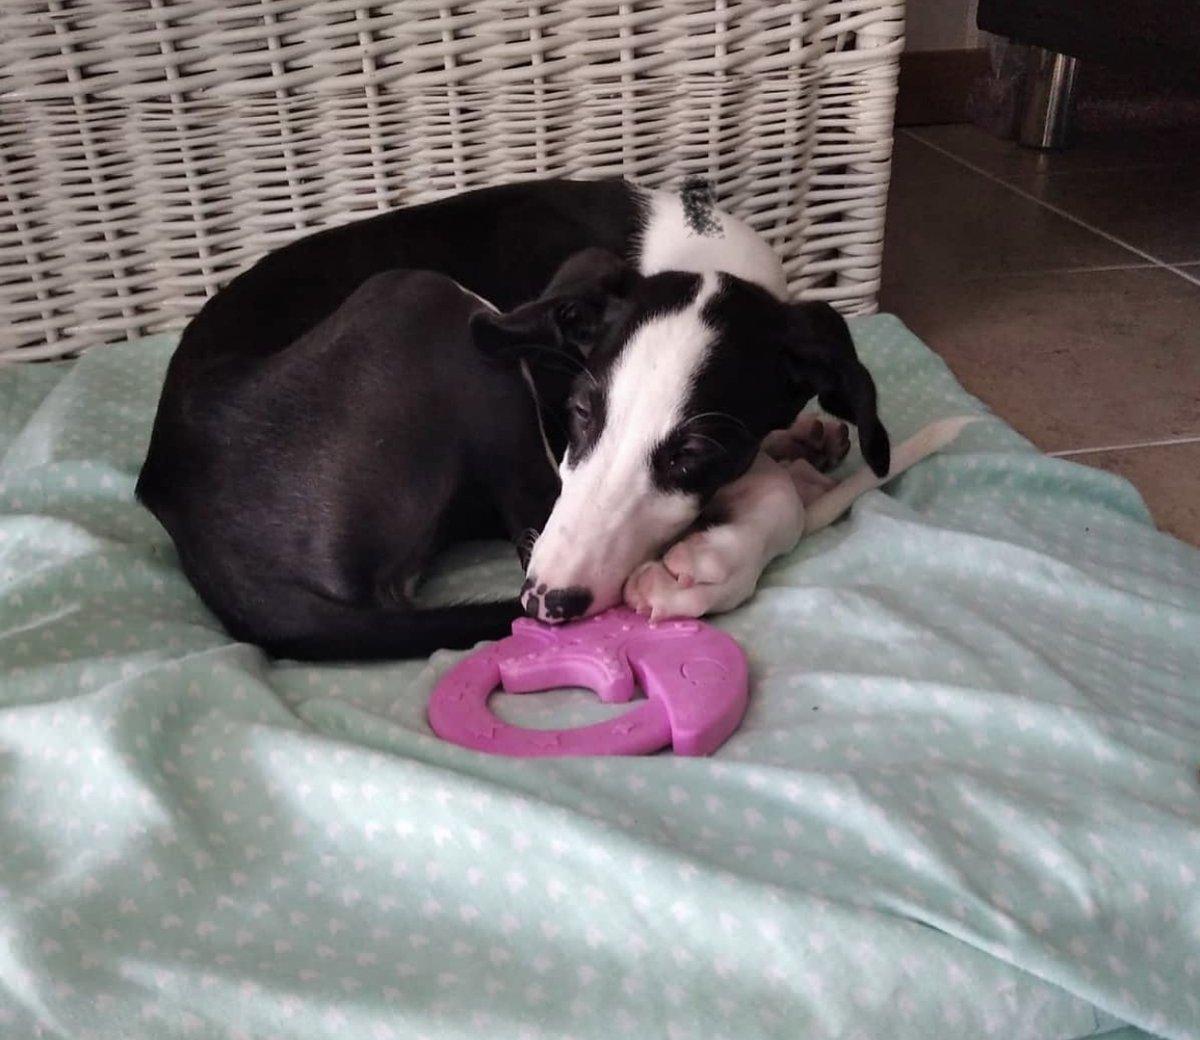 Luna es una perrita galga con 3 meses, es buena y se lleva bien con otros perros. Se encuentra en @apama_almunecar Te gustaría darle un hogar? Comparte y difunde! #AppAdoptMe #AdoptMe #adopcionresponsable #adopta #dog #adoptar #apppic.twitter.com/4PCgaTTqRp